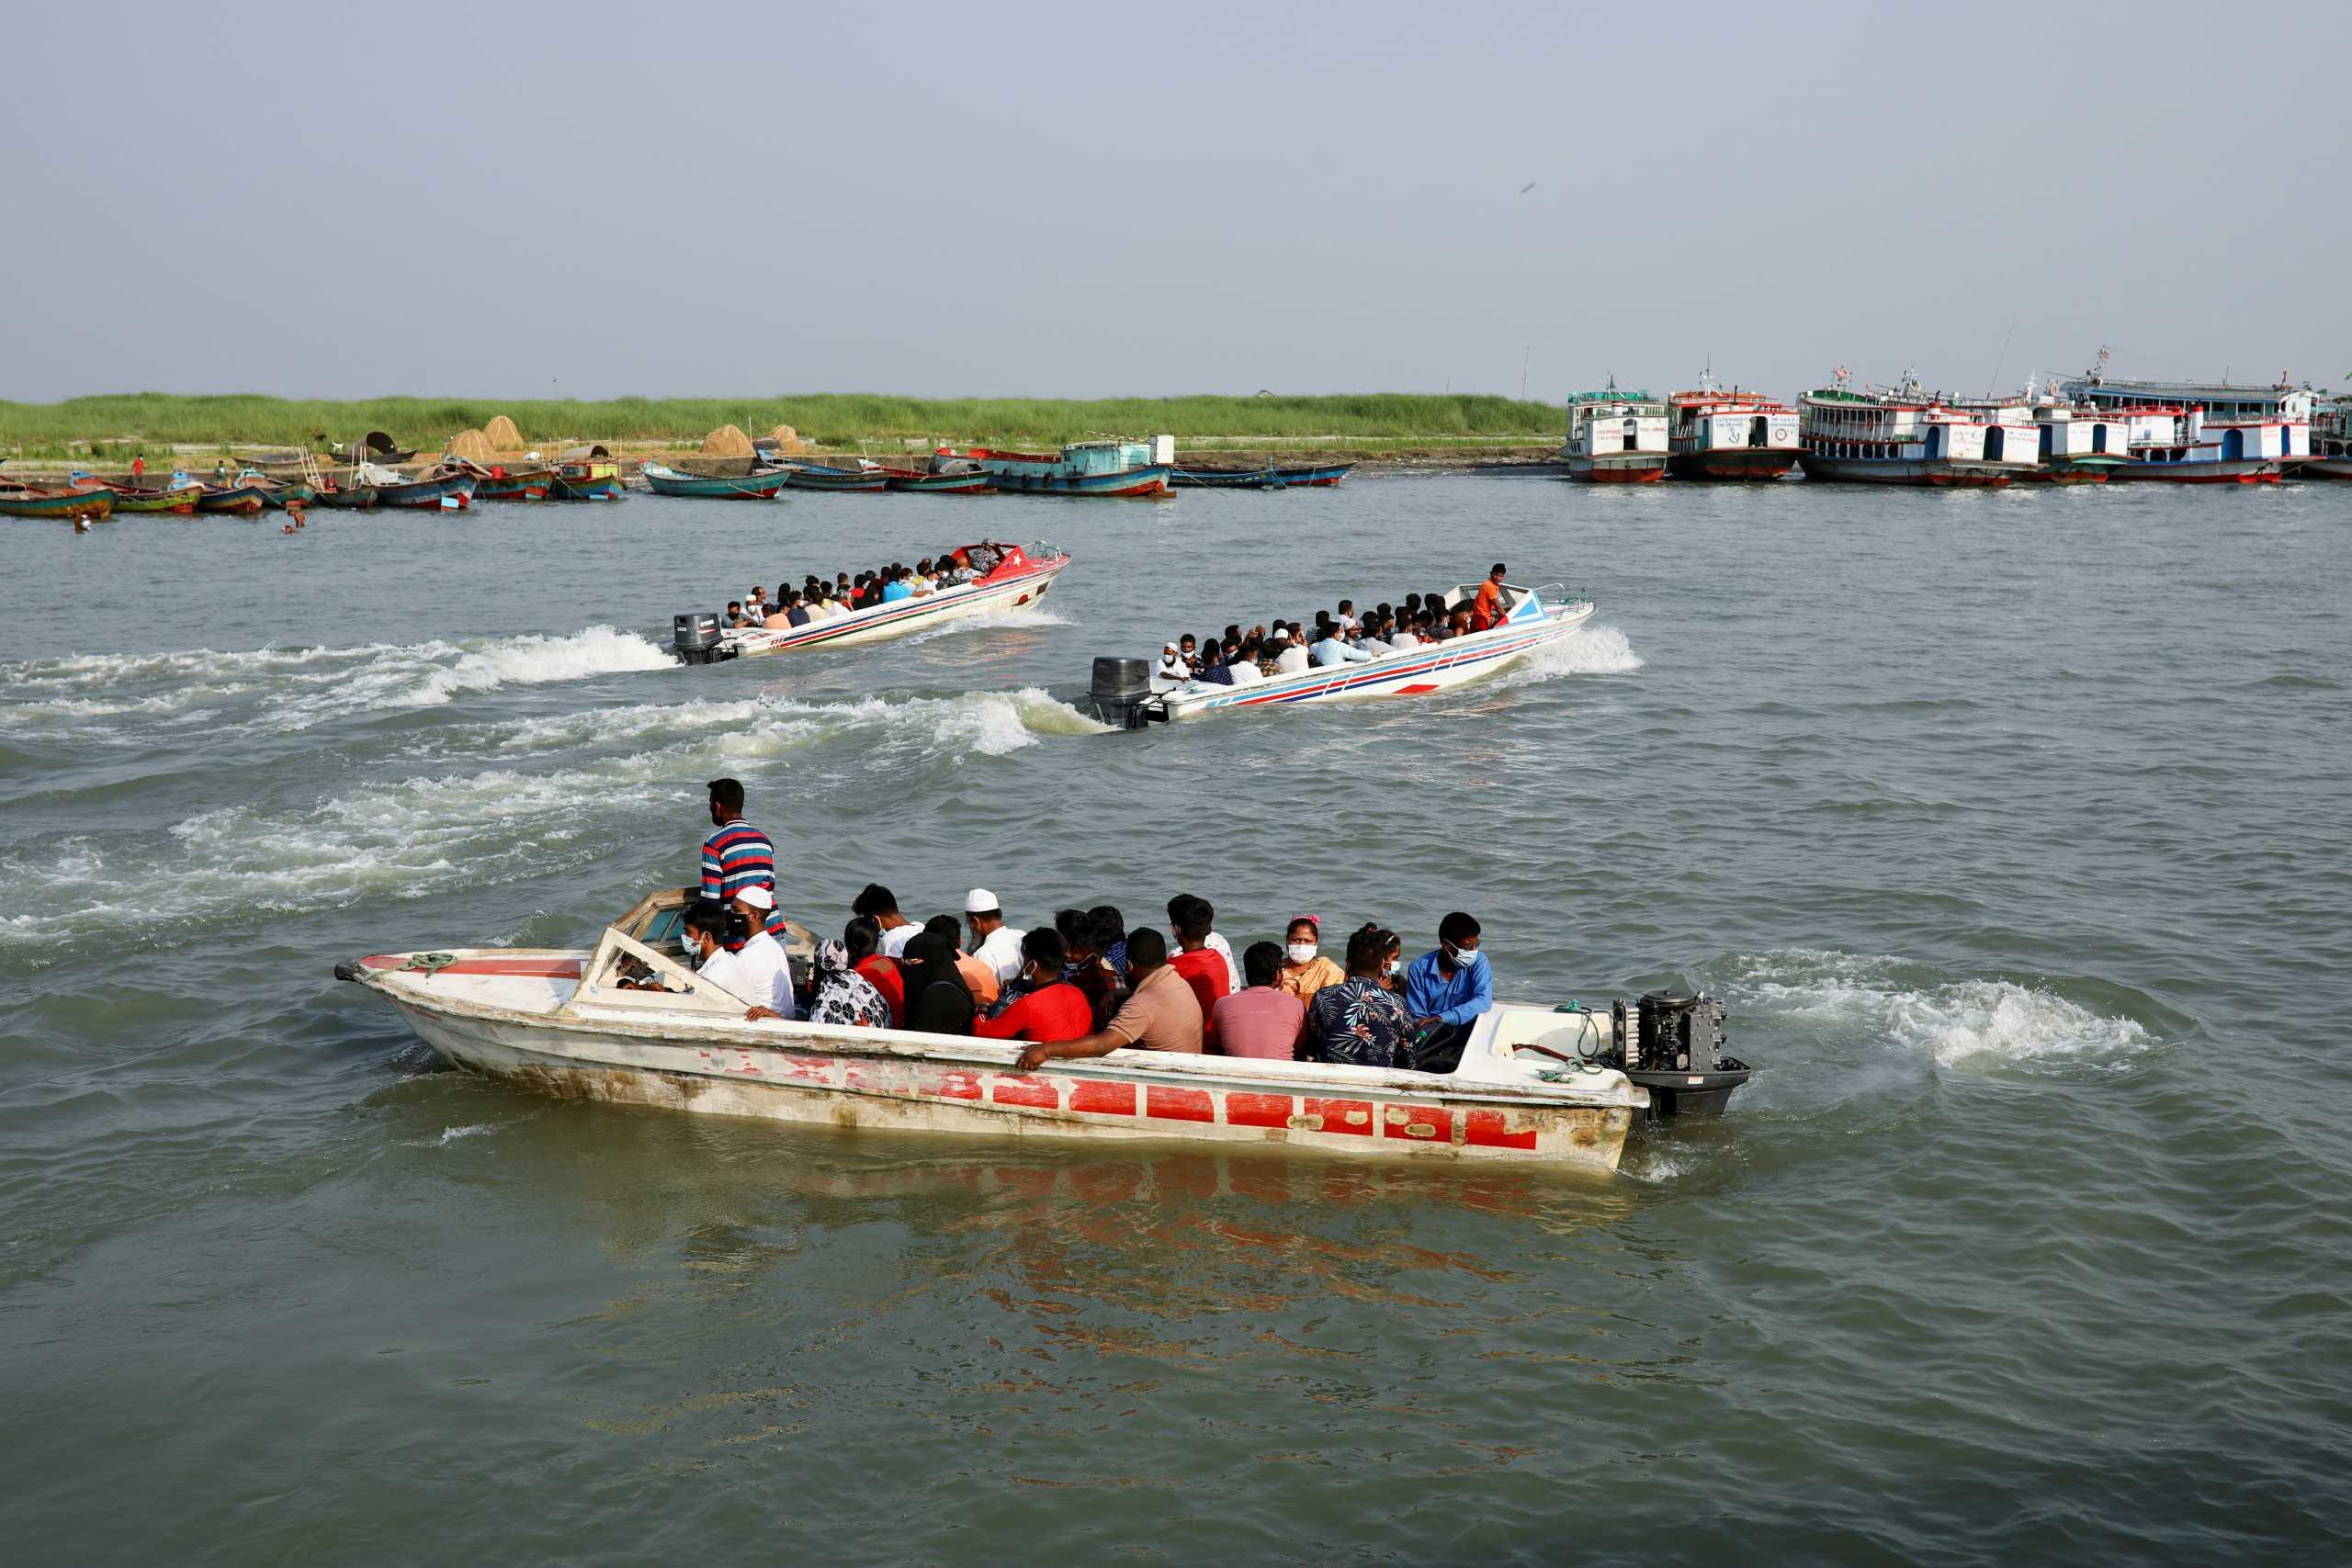 Μπαγκλαντές: 26 οι νεκροί από σύγκρουση πλοίων σε ποτάμι